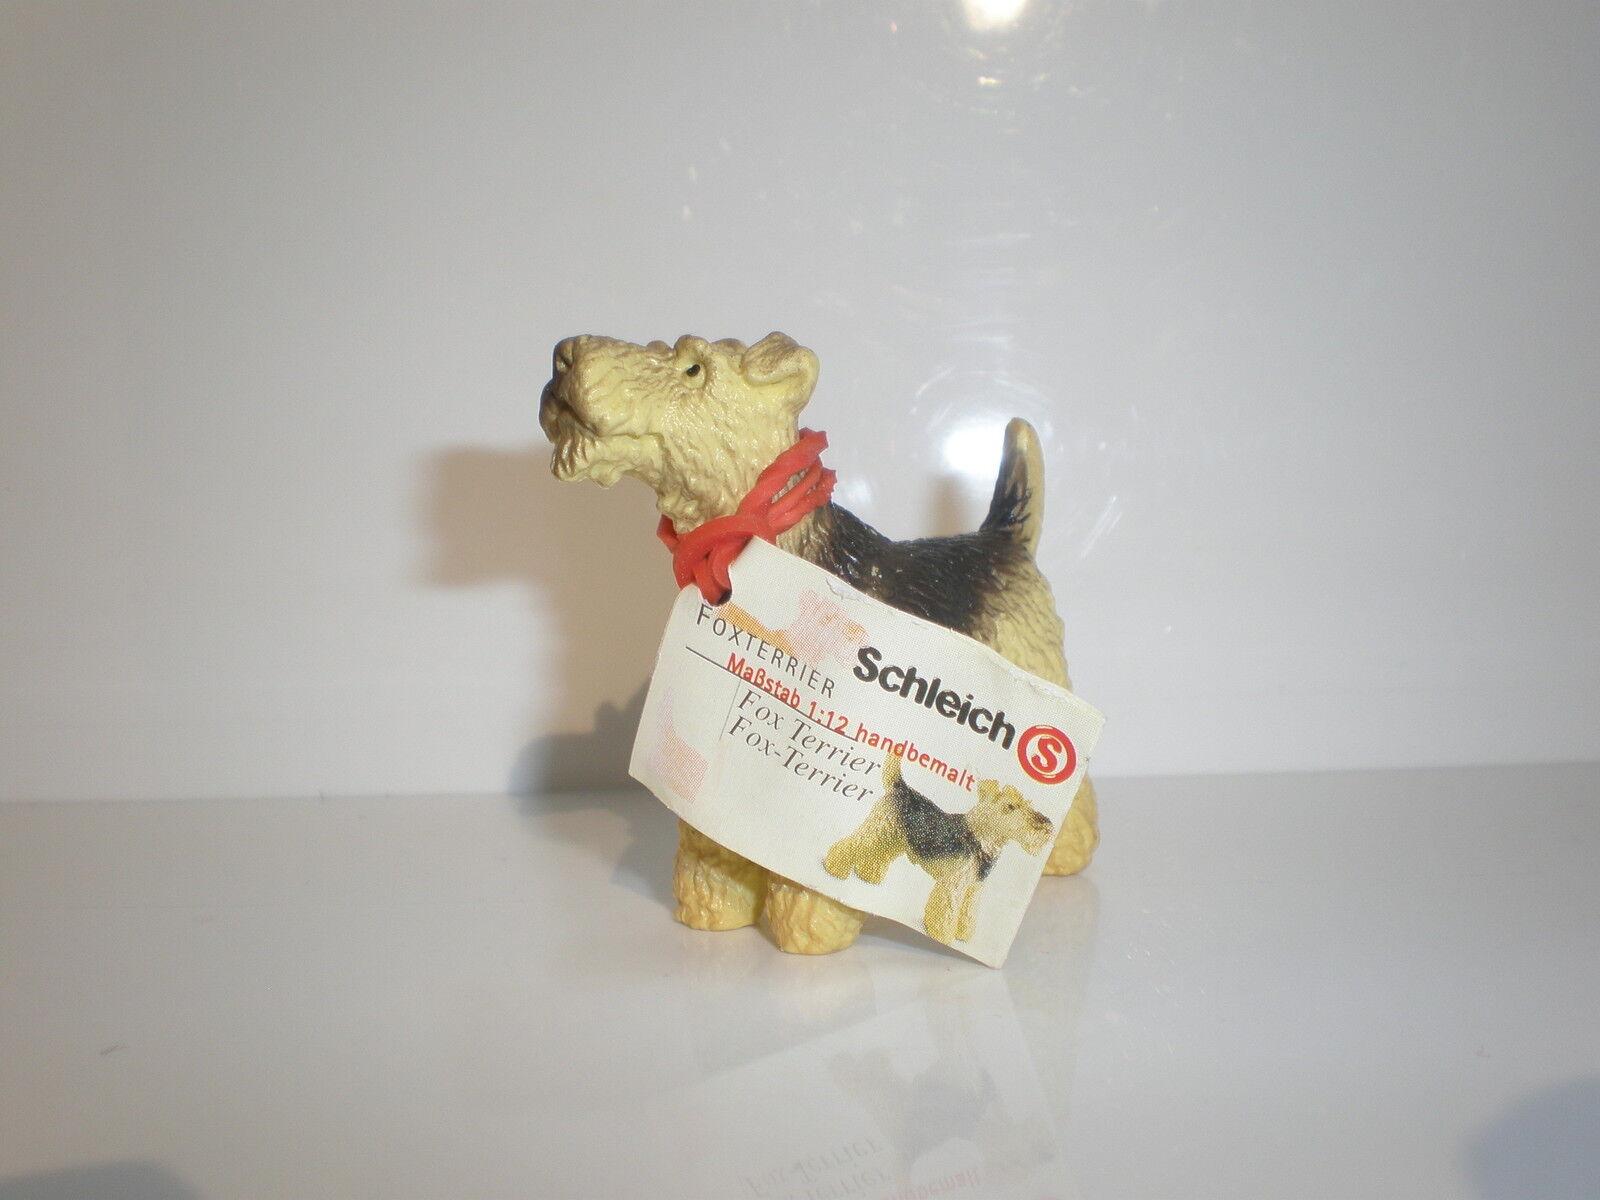 16310  Schleich Dog: Fox Terrier   with booklet  ref:9P3